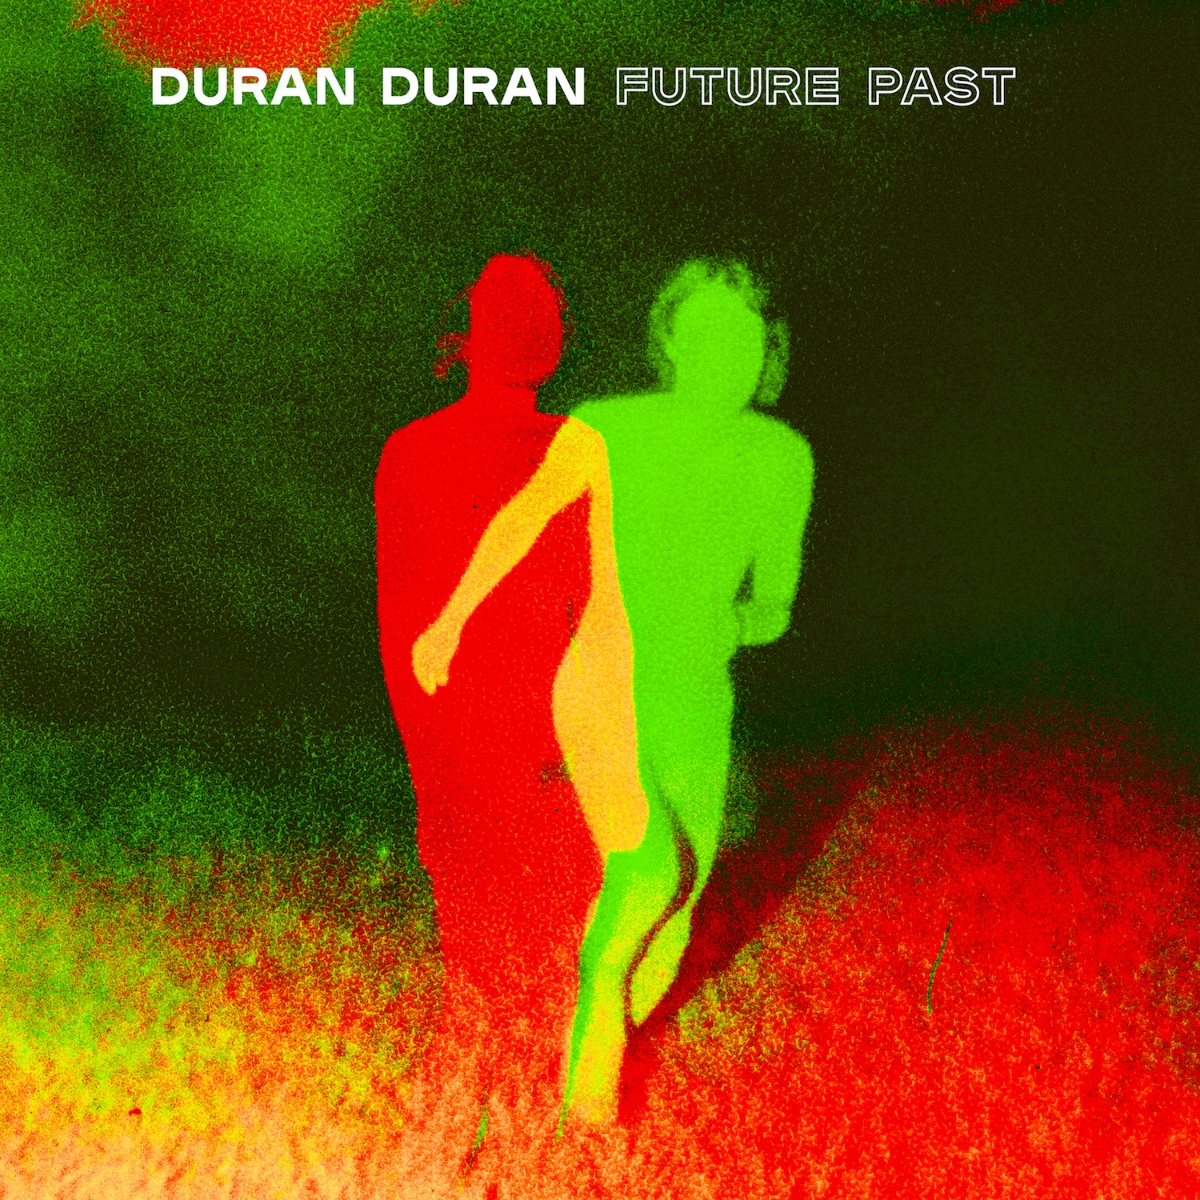 Duran Duran Reveal Lyric Video for 'More Joy!'